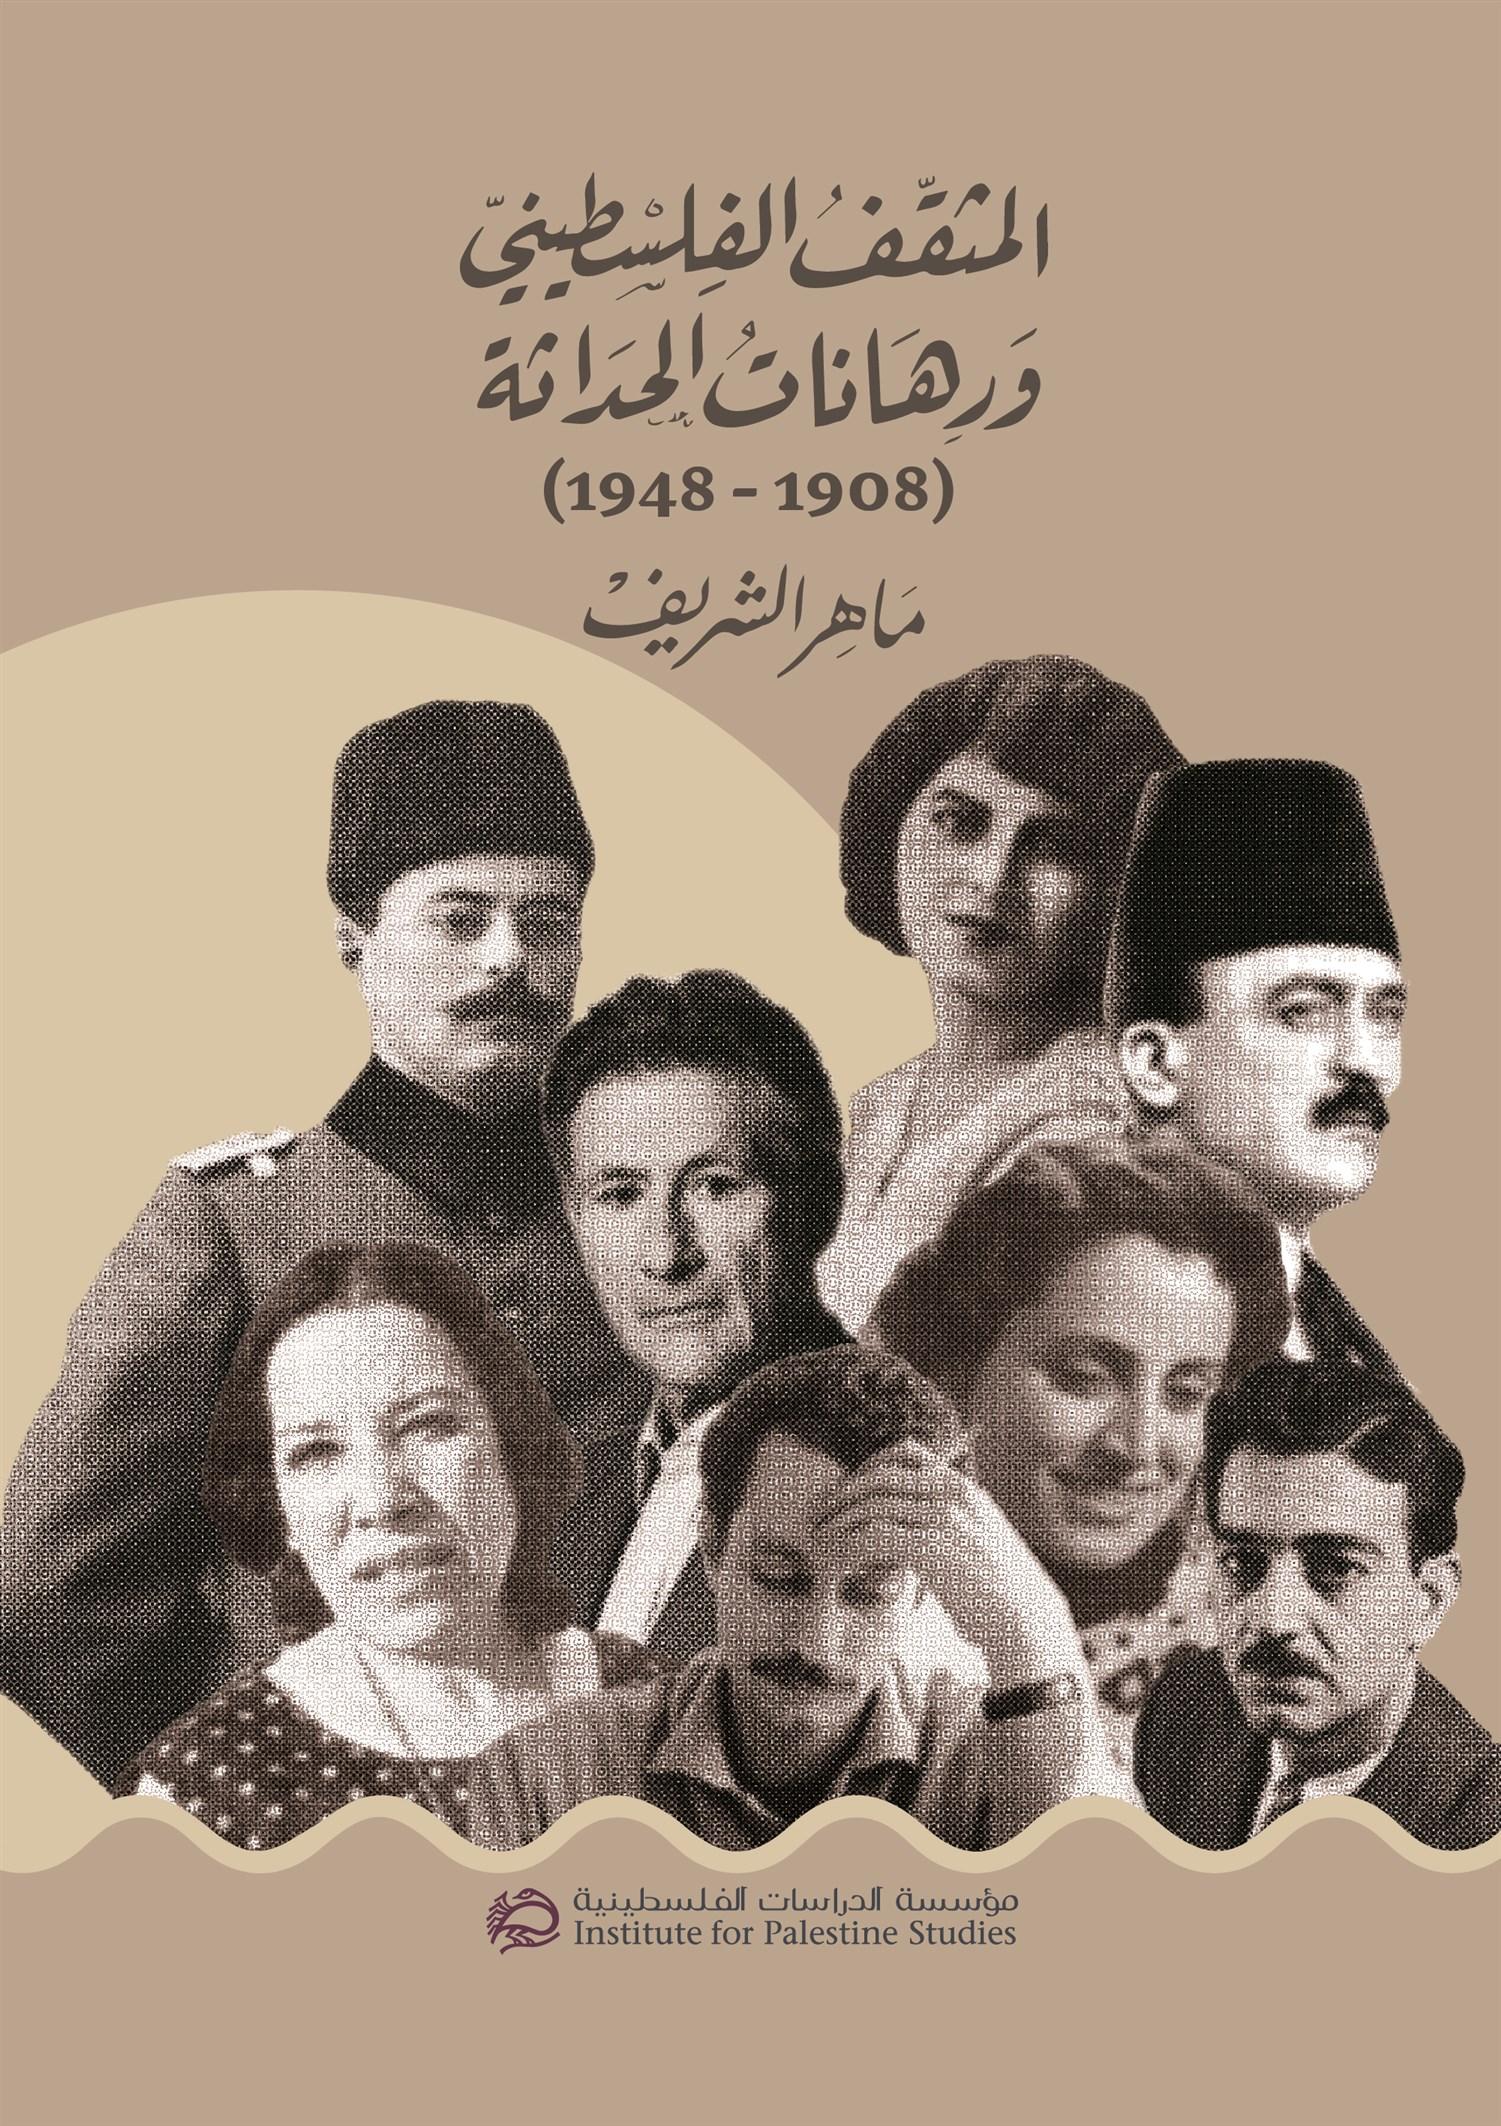 المثقف الفلسطيني ورهانات الحداثة (1908 – 1948)